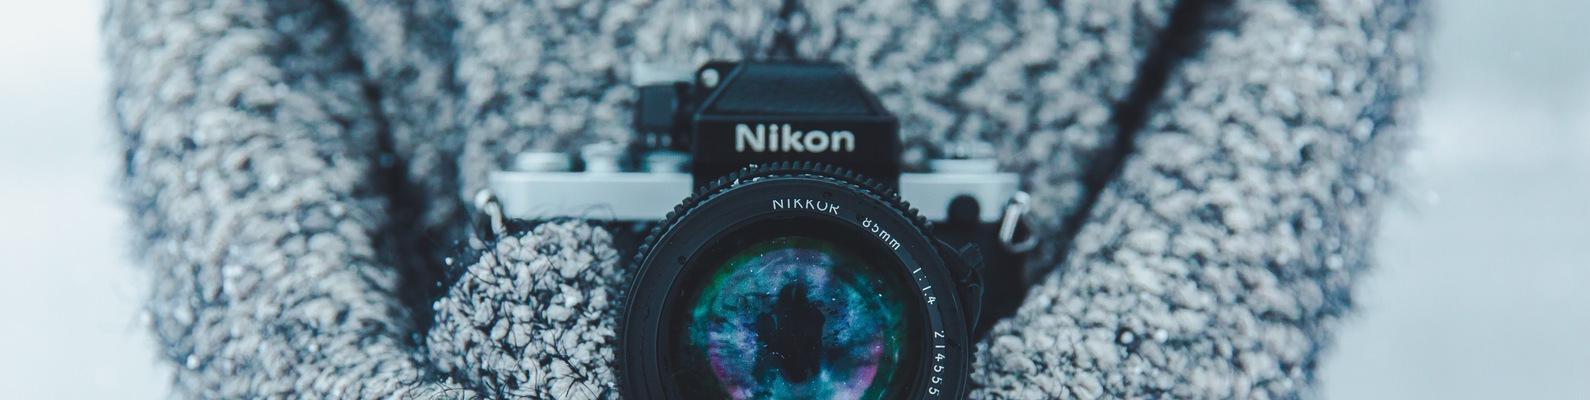 настройки камеры для смазанного фото на вечеринке